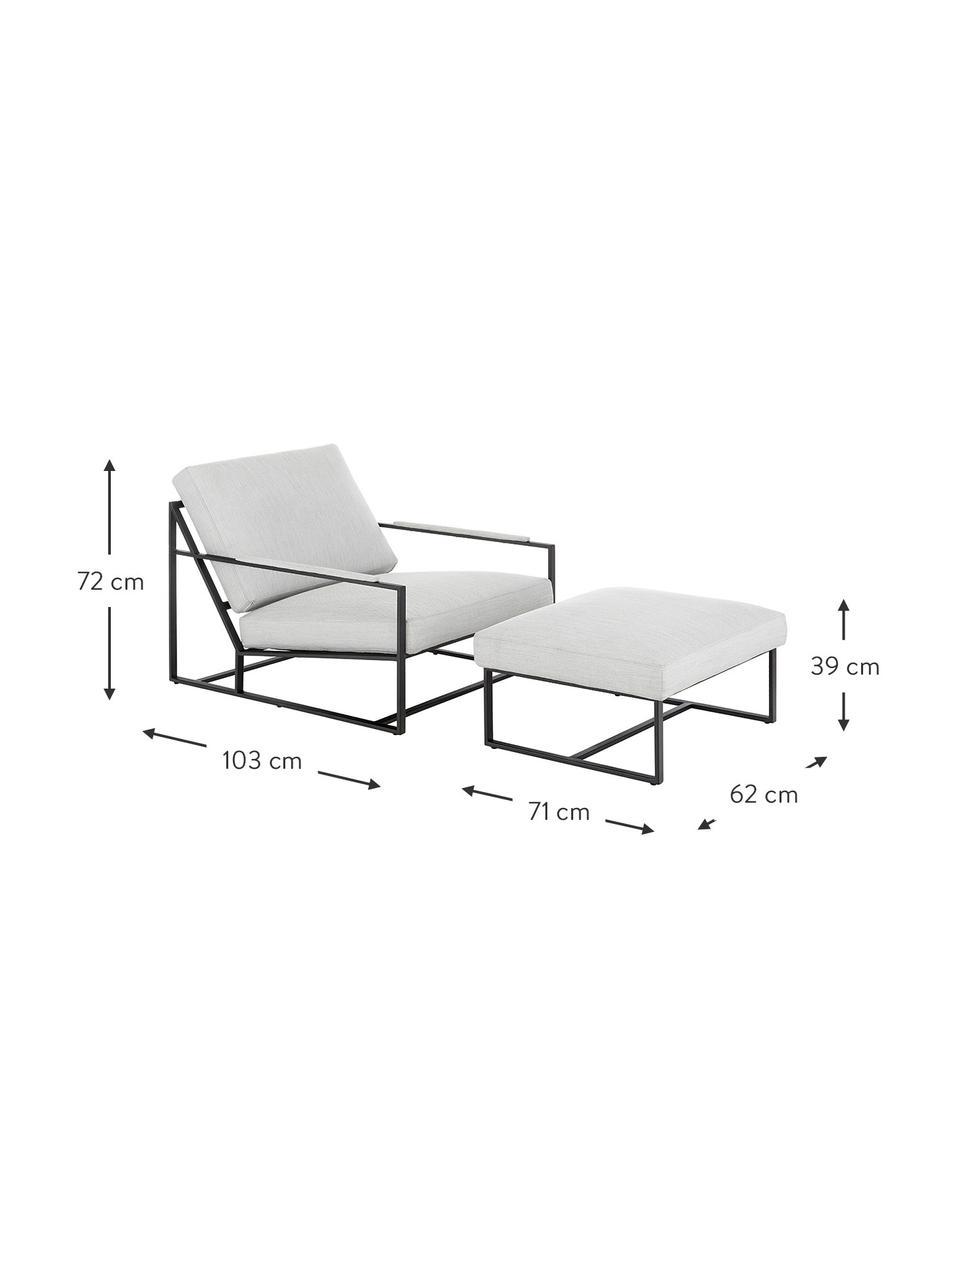 Lounge-Set Andy, 2-tlg. mit Metall-Gestell, Webstoff Hellgrau, Set mit verschiedenen Größen